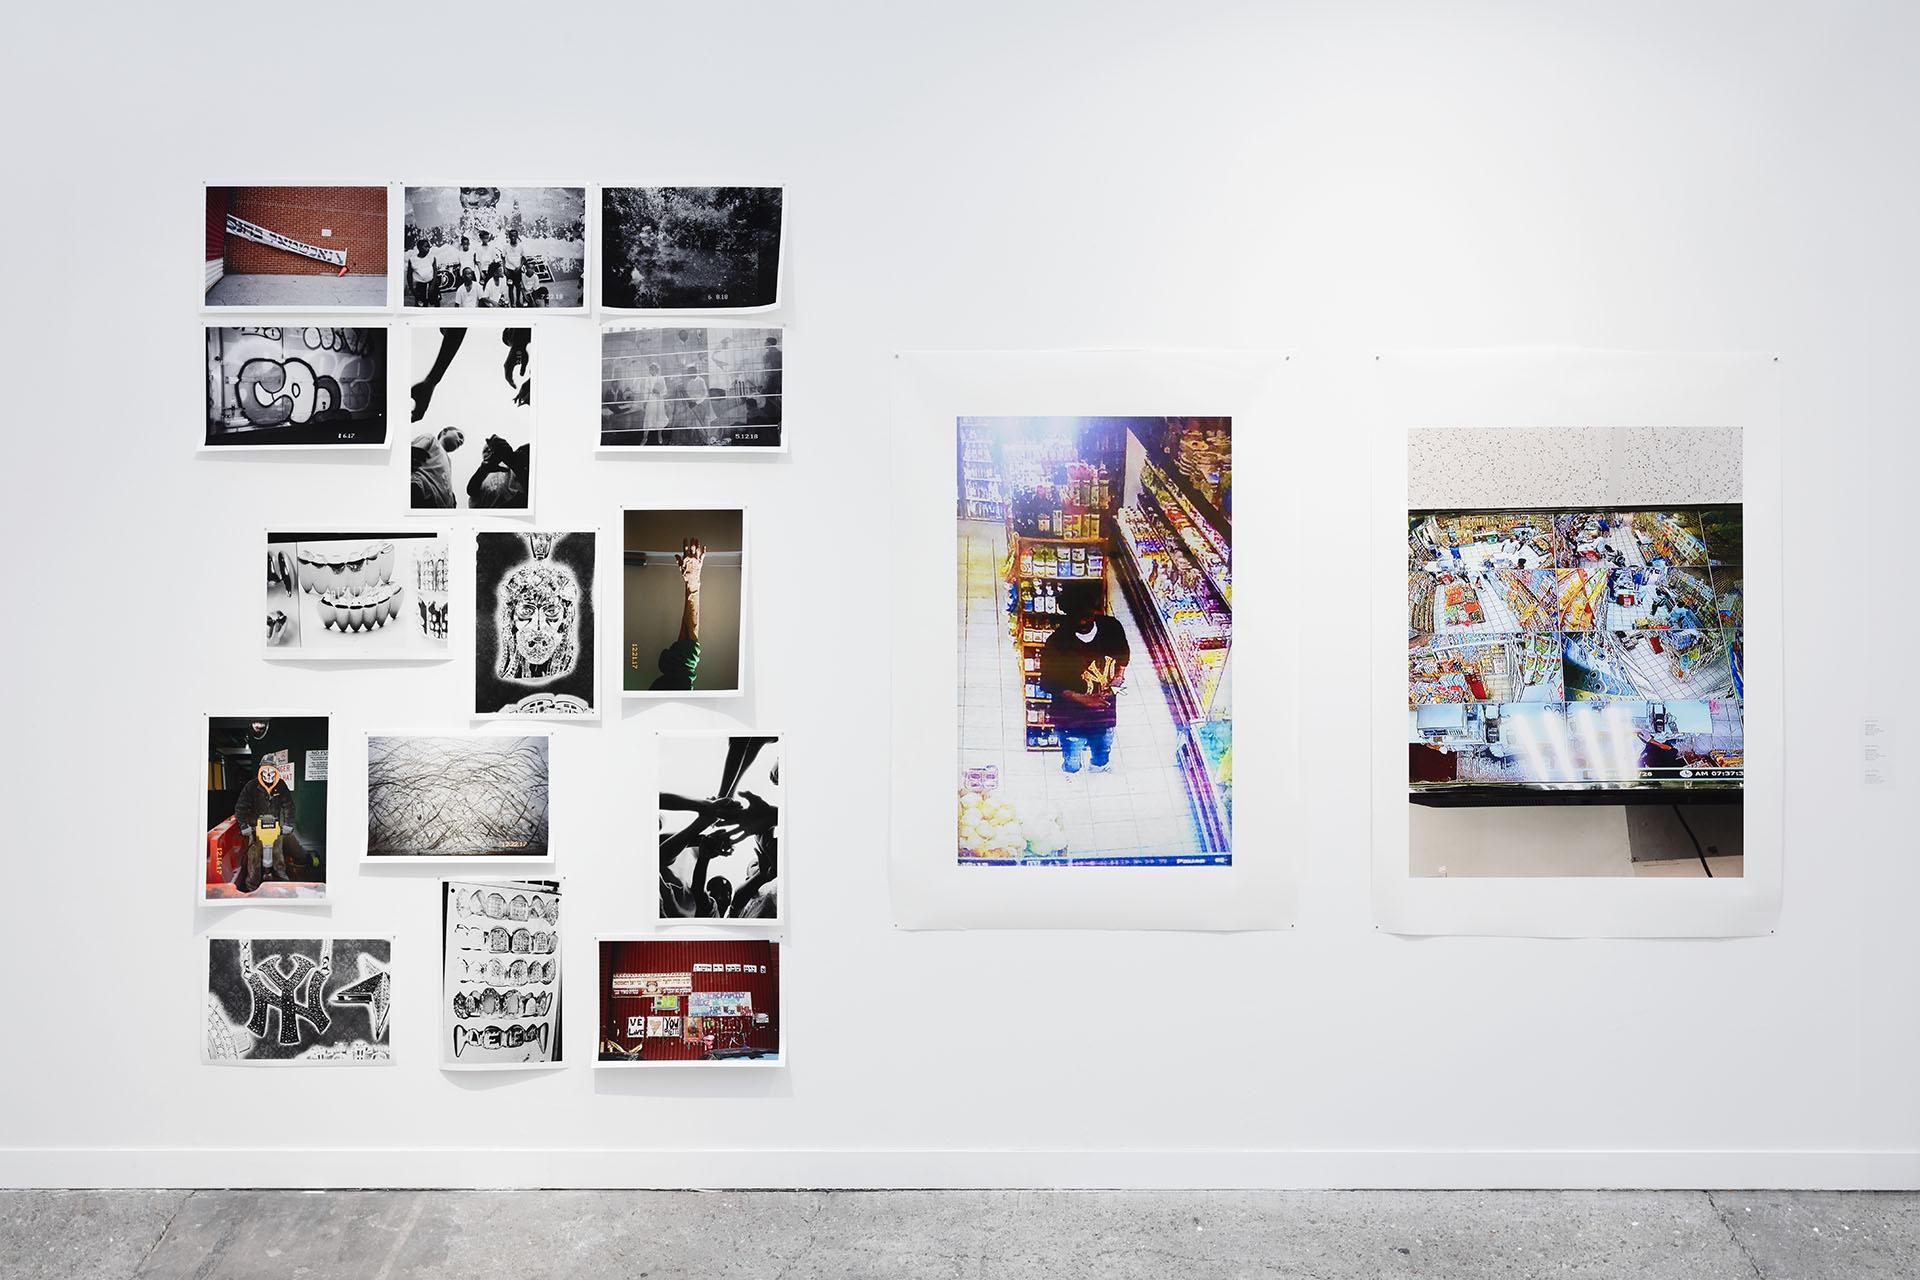 Vue du stand de la galerie Frank Elbaz qui accueille le solo show d'Ari Marcopoulos.